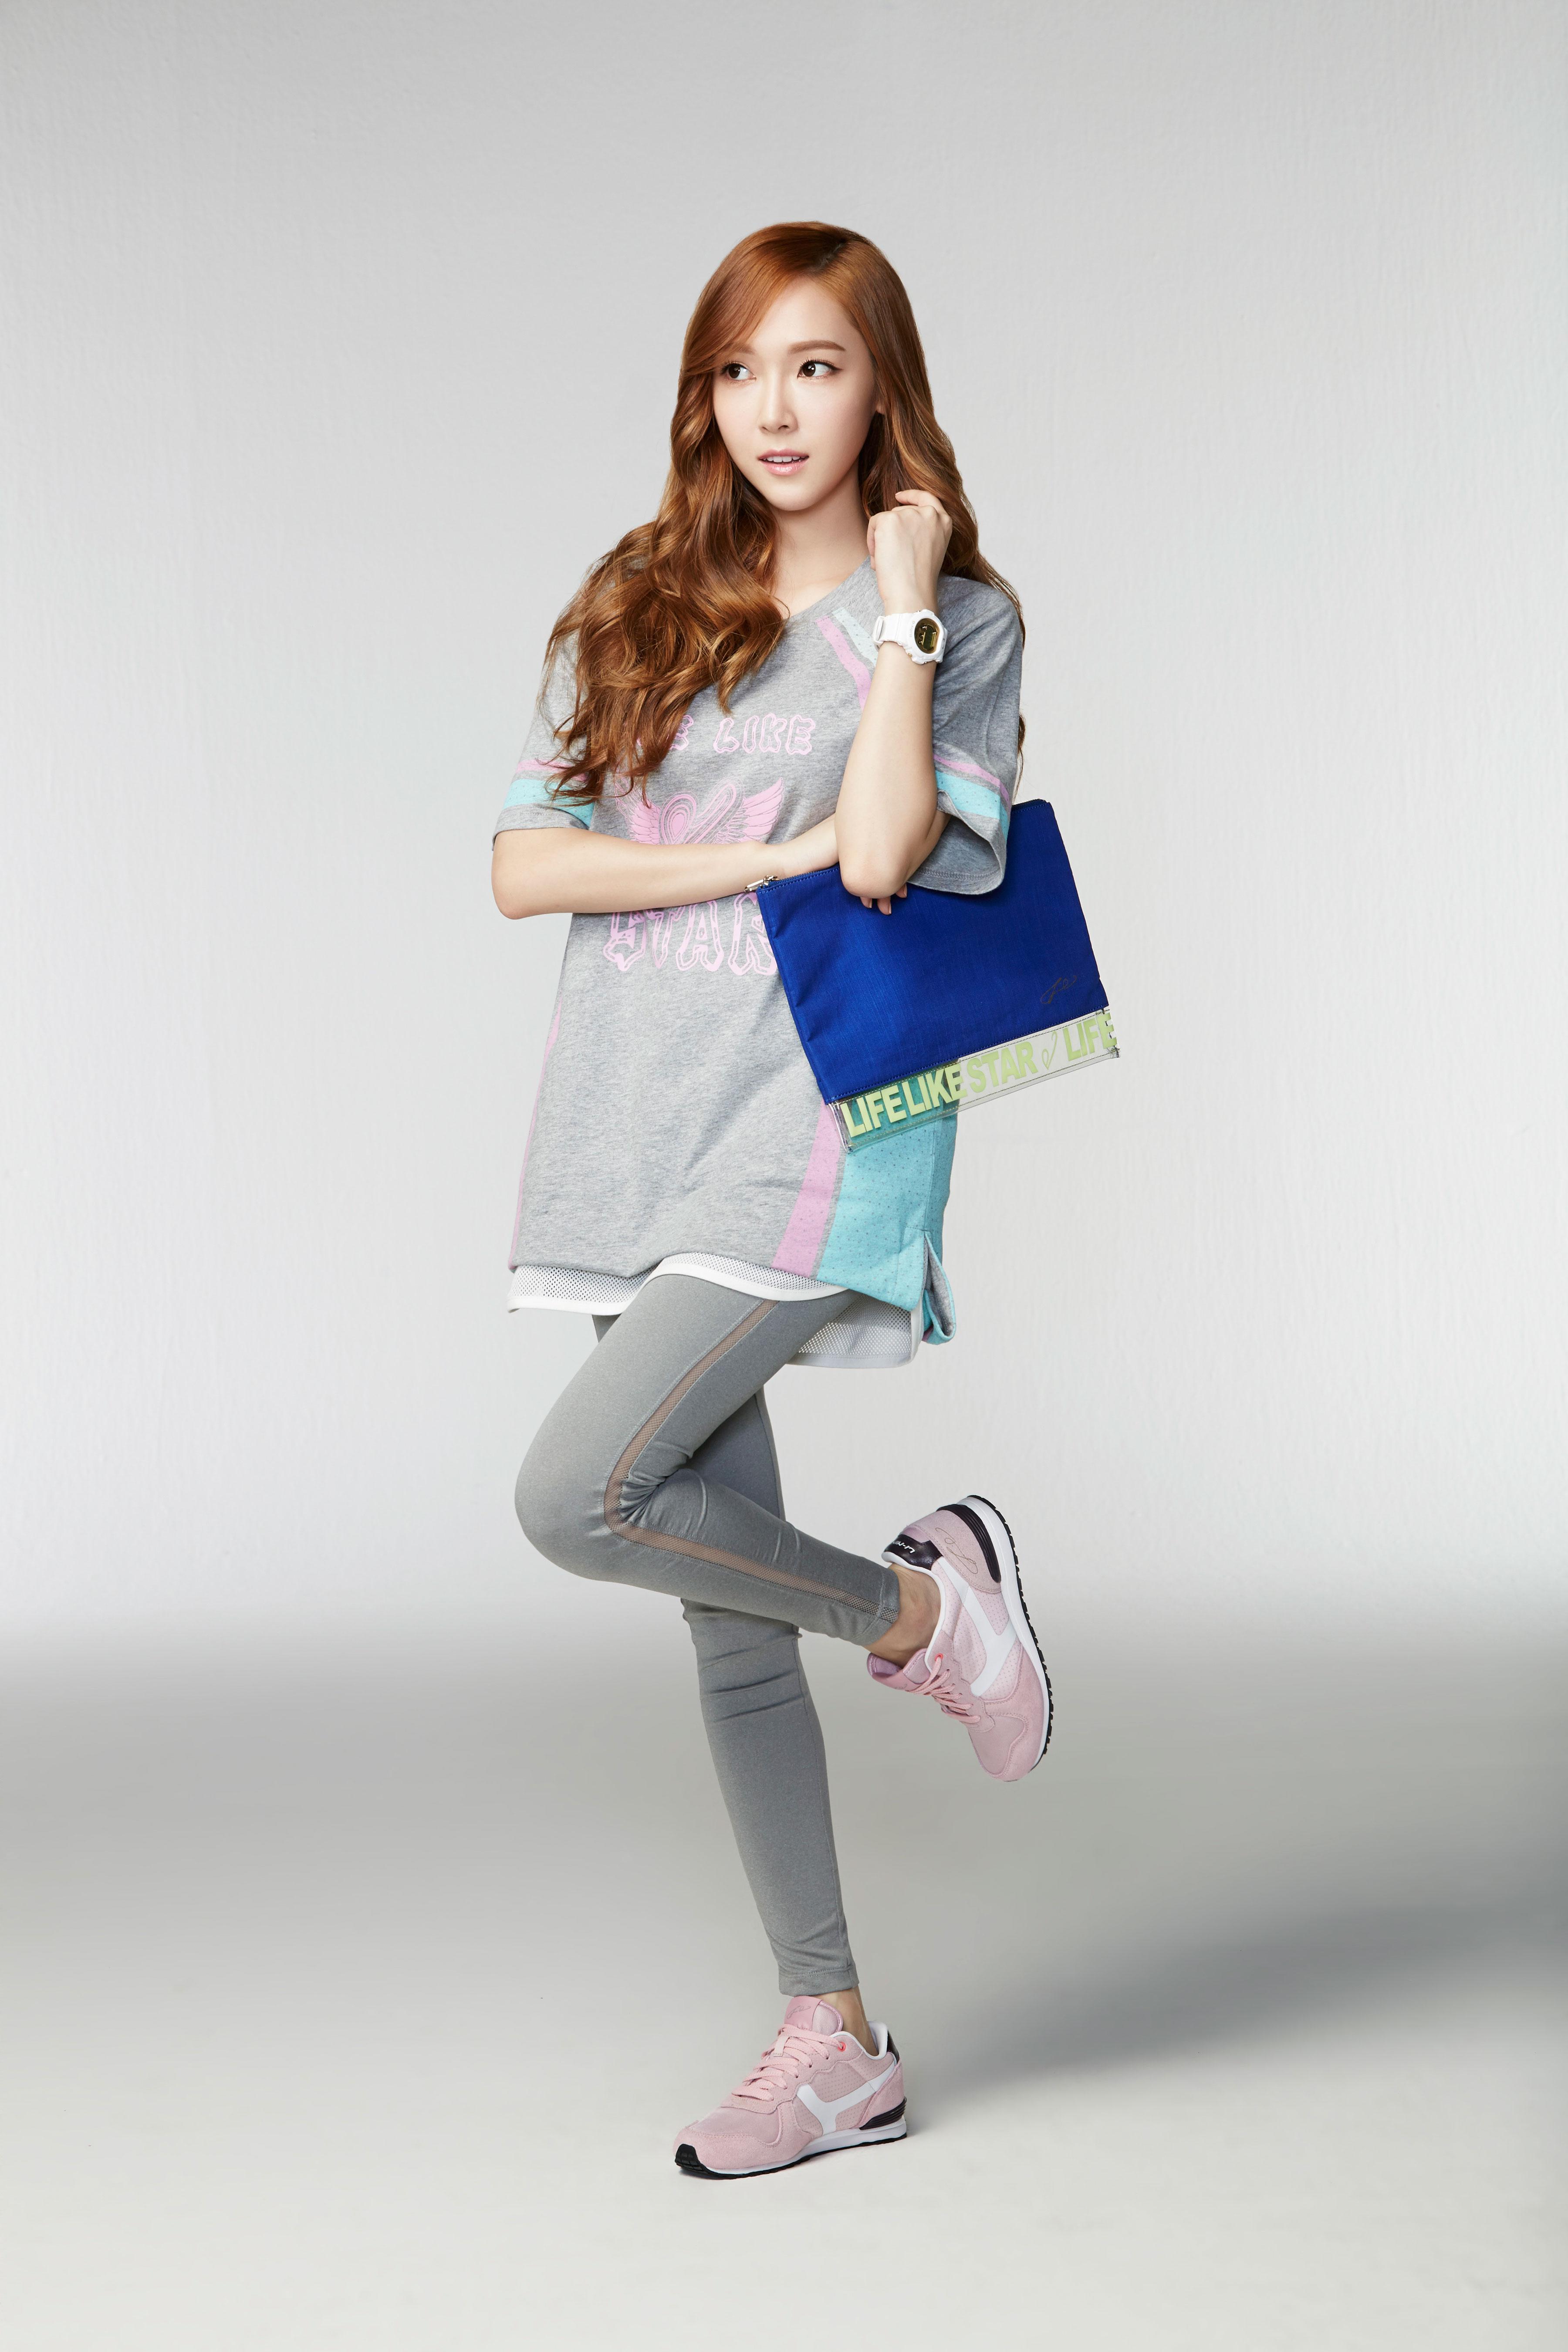 Jessica Li Ning Ultra HD